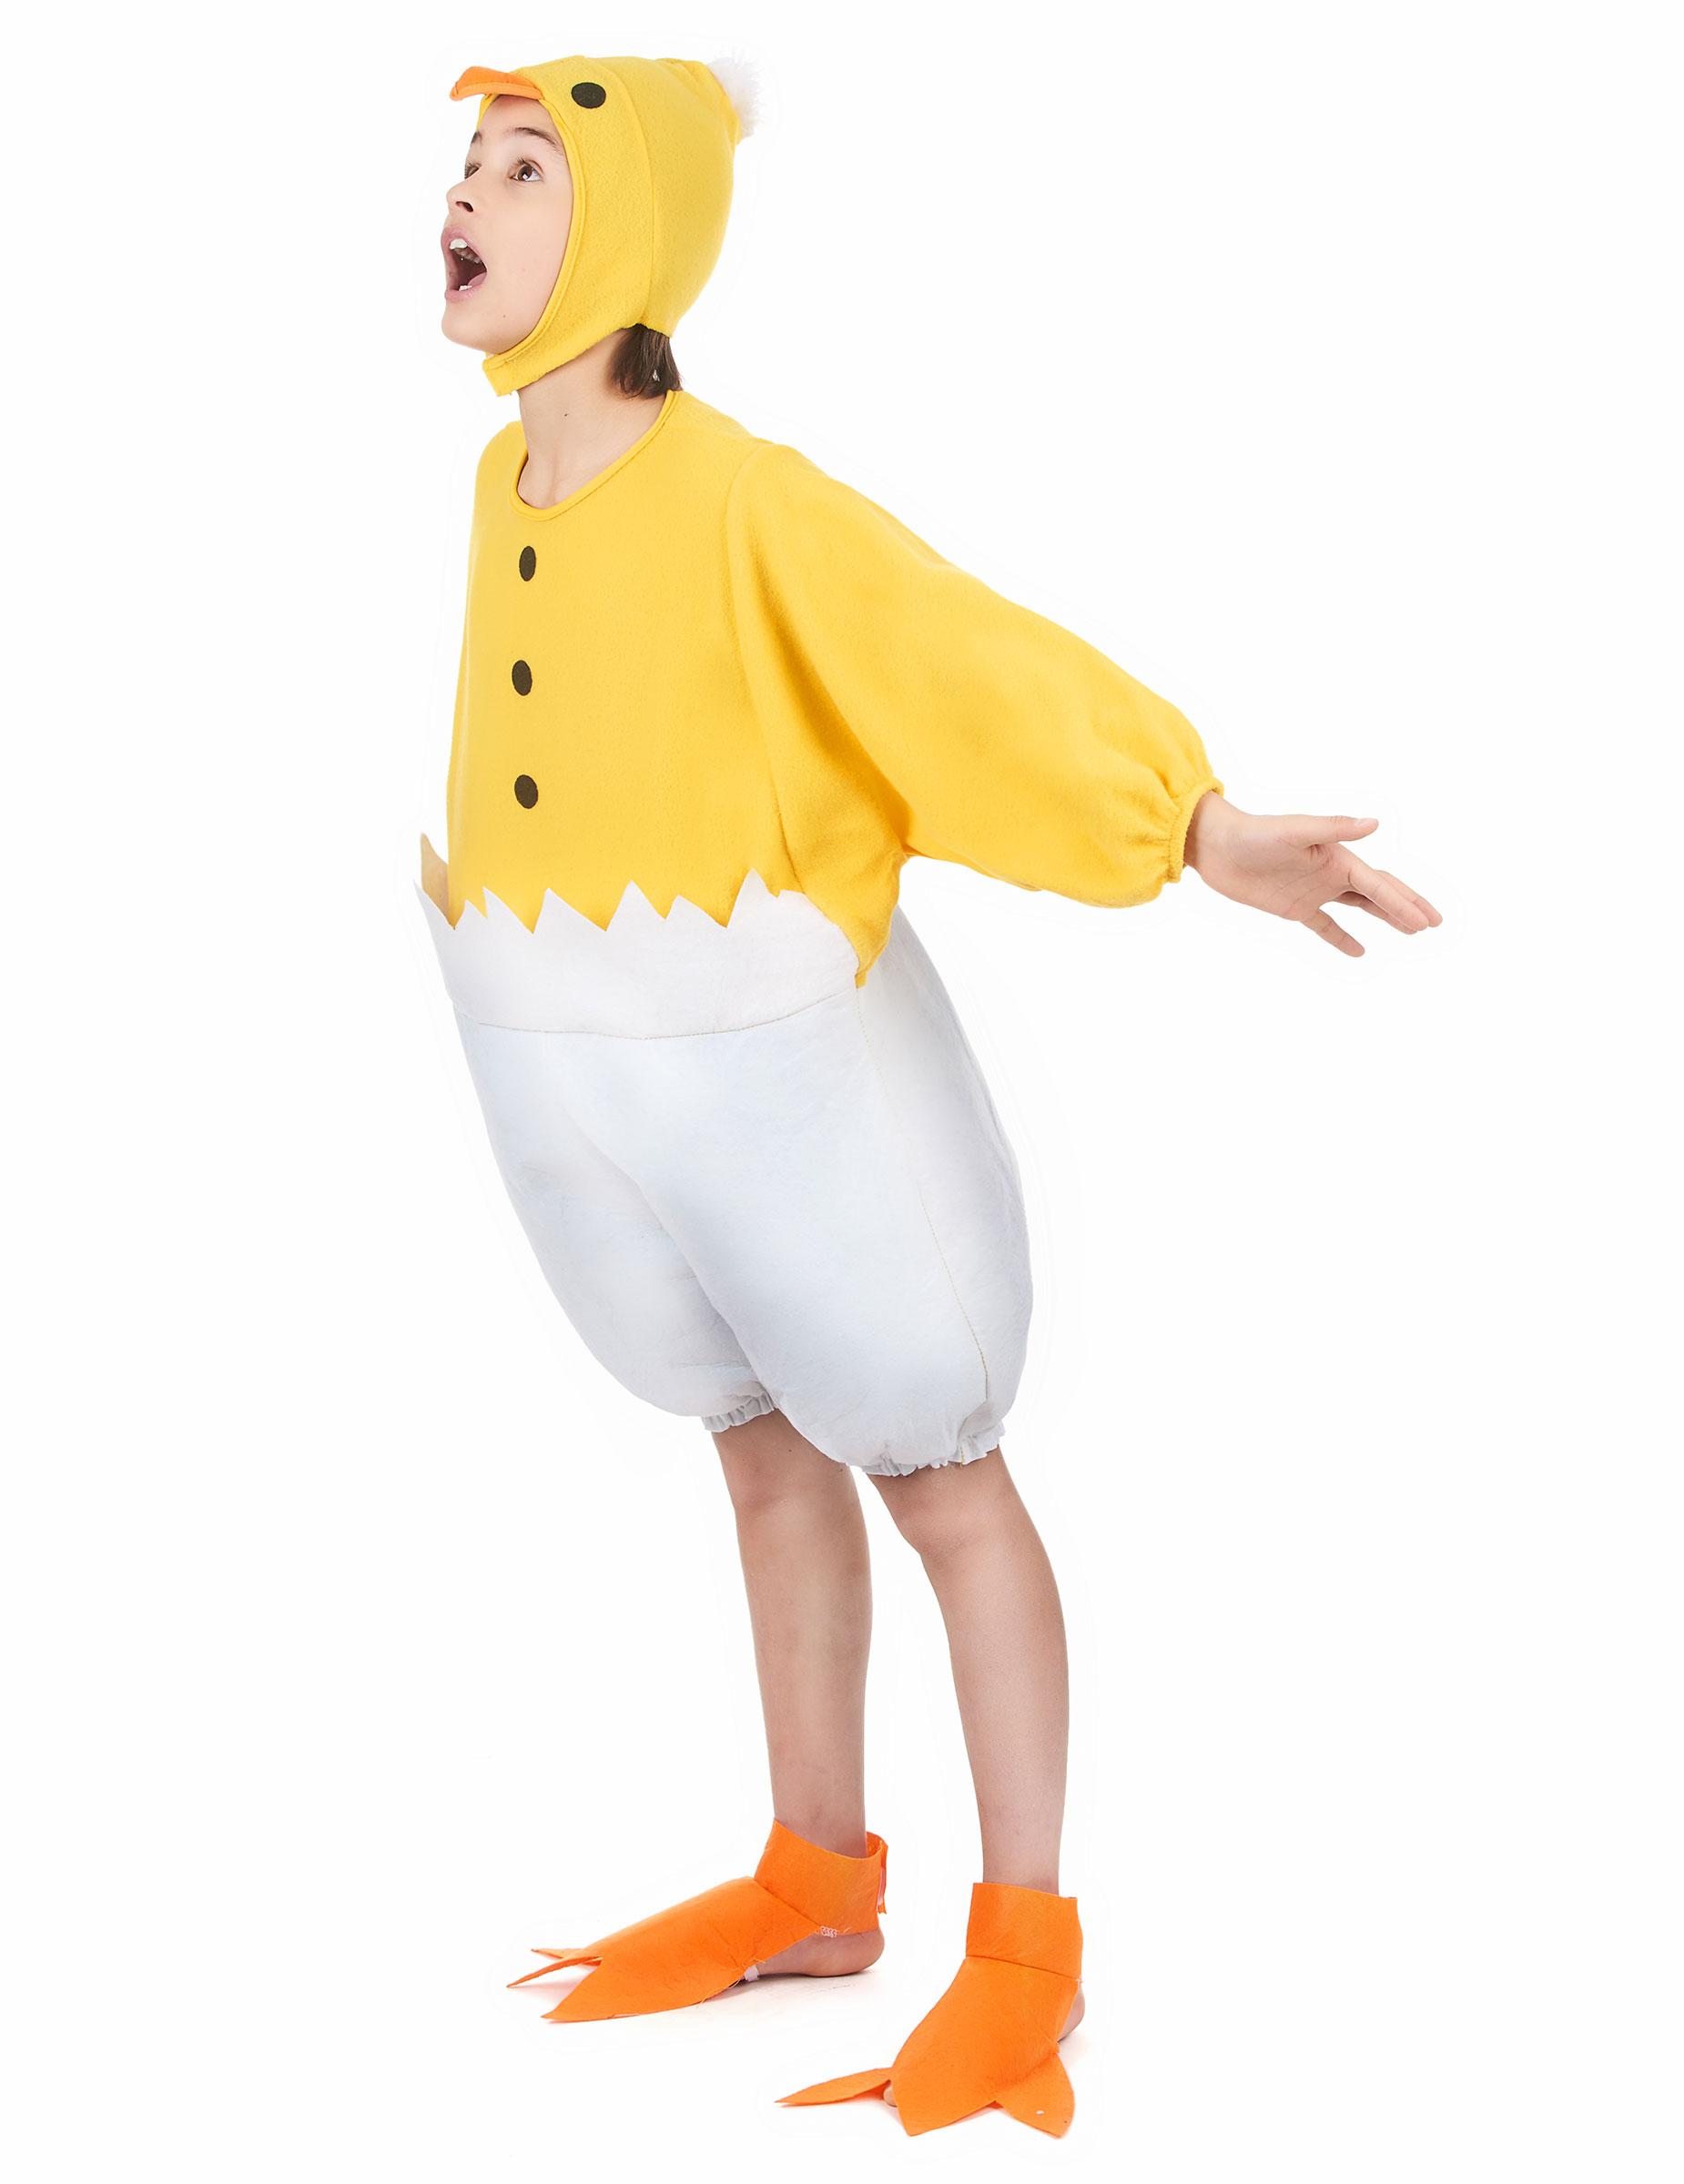 D guisement poussin enfant deguise toi achat de d guisements enfants - 4 images 1 mot poussin lapin ...